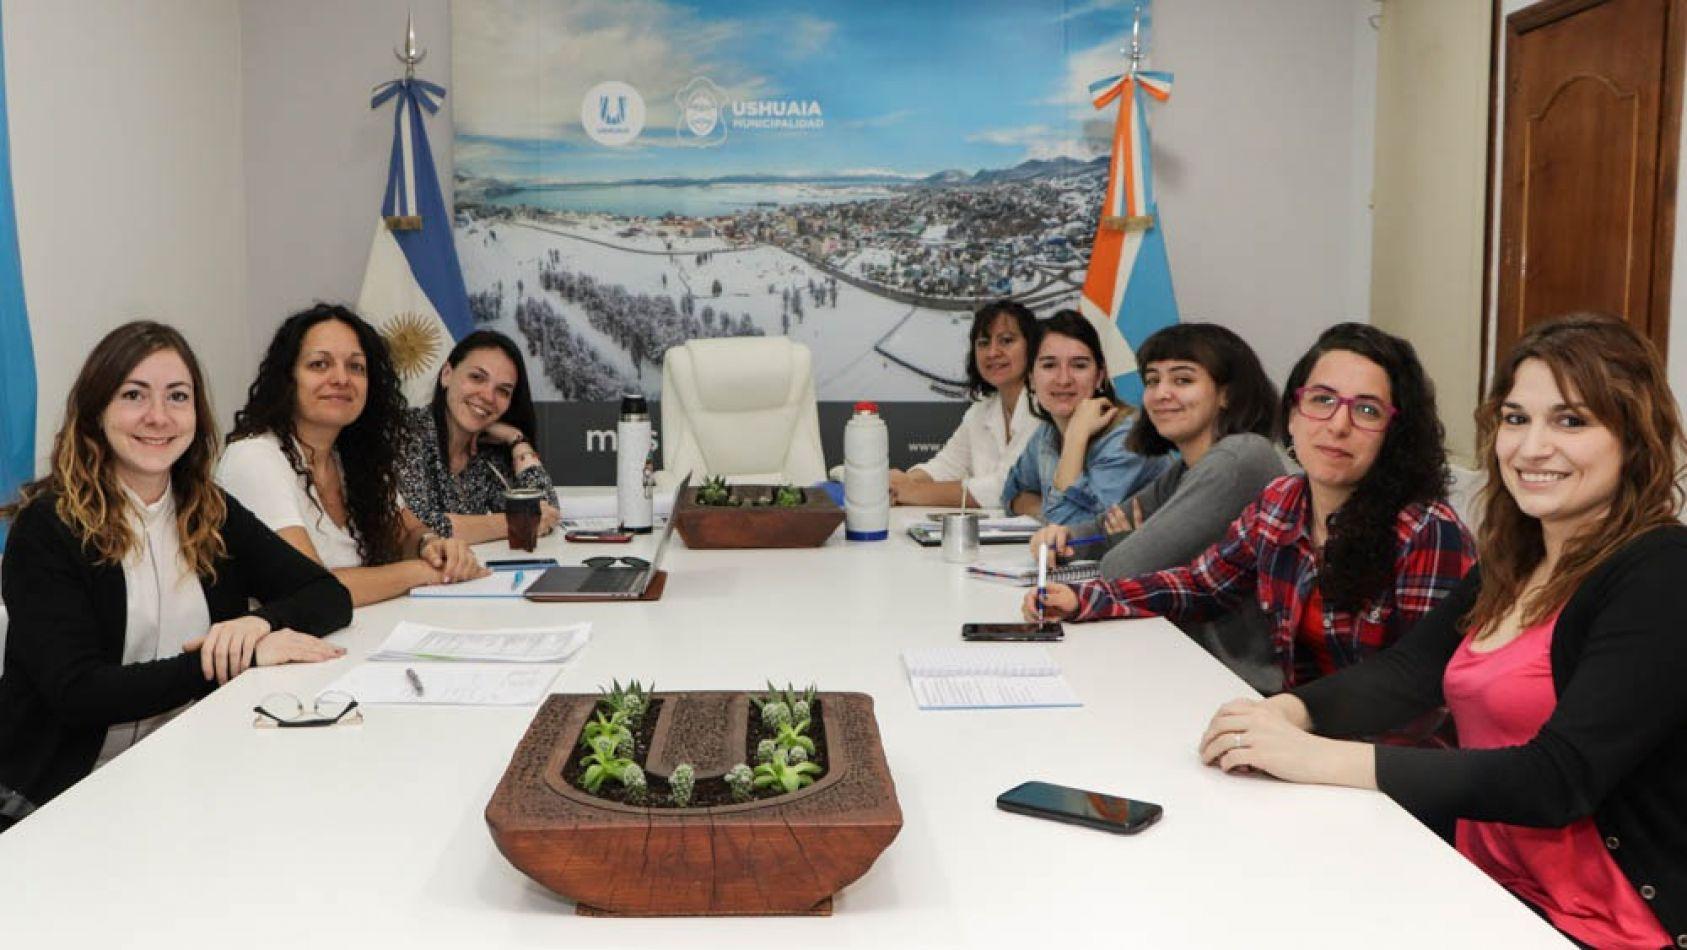 Secretaría de la Mujer de la Municipalidad de Ushuaia